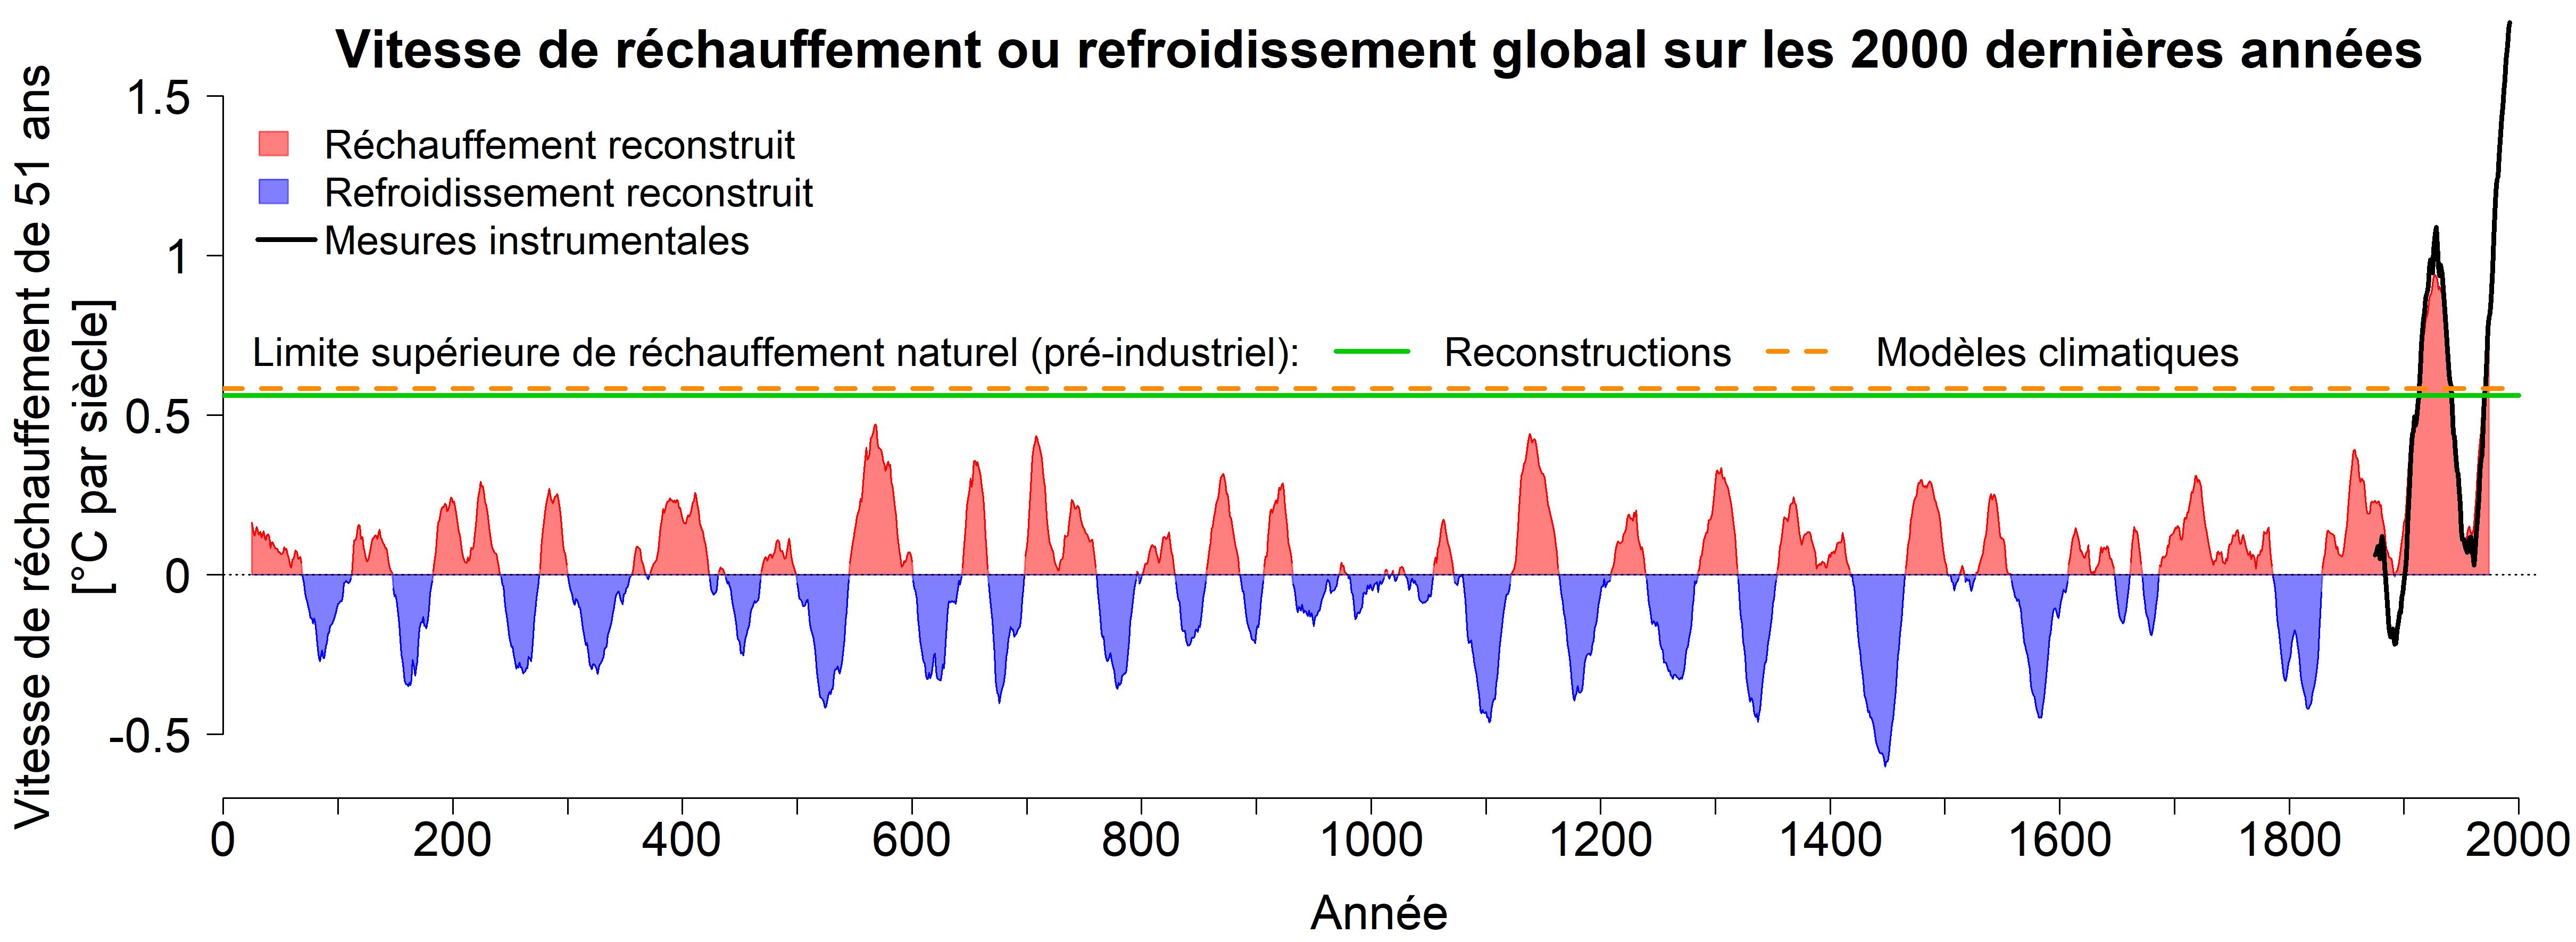 Vitesse du réchauffement ou du refroidissement de la température moyenne mondiale sur les 2000 dernières années. En rouge, il s'agit des périodes (respectivement sur 51 ans) au cours desquelles les températures reconstruites ont augmenté. Pendant les périodes illustrées en bleu, les températures mondiales ont baissé. La ligne verte indique que les taux de réchauffement maximum à prévoir sans l'influence de l'homme atteignent à peine 0,6 degrés par siècle. Les modèles climatiques (ligne en pointillés orange) peuvent très bien simuler cette limite supérieure naturelle. La vitesse actuelle du réchauffement atteint plus de 1,7 degrés par siècle, ce qui est nettement supérieur à ces taux de réchauffement naturels à prévoir et aux valeurs de tous les siècles précédents. Les mesures instrumentales depuis 1850 (en noir) confirment ces chiffres. © Université de Berne